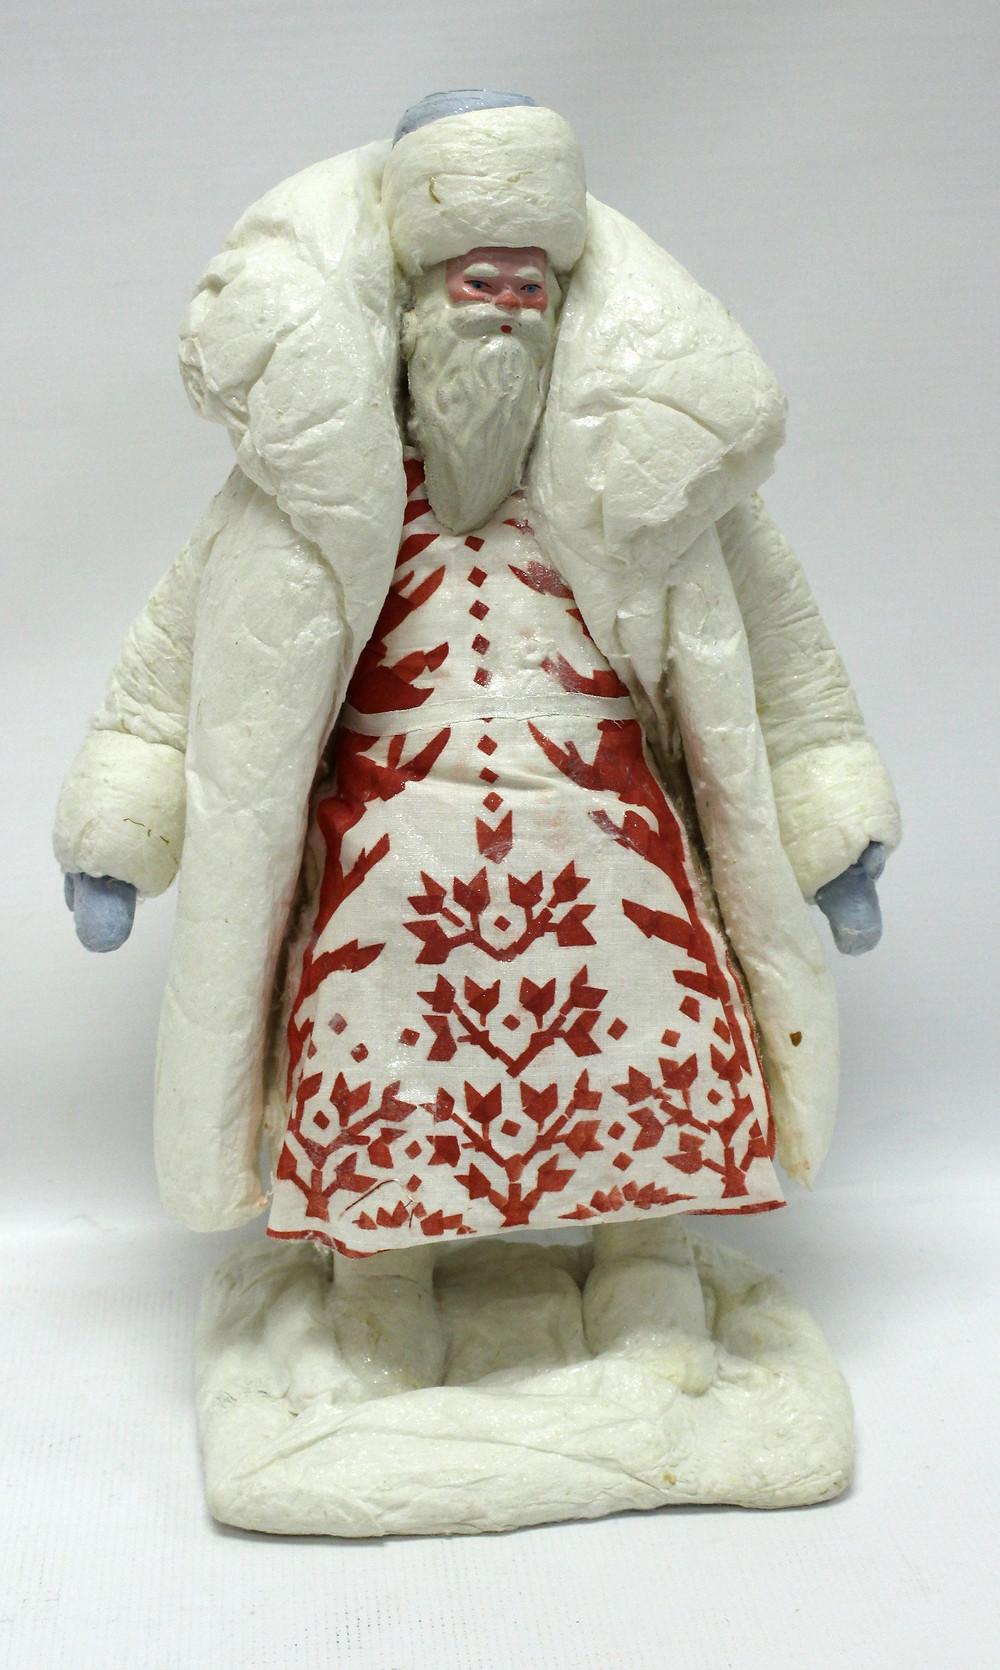 Игрушка «Дед Мороз», 1966 г. Изготовлена  из ваты, бумаги, дерева, металла, выполнена в технике папье-маше  фабричного производства.  Главной отличительной особенностью игрушки является платье с красным геометрическим узором и узким белым поясом при этом белая шапка с голубым донцем.  На руках голубые рукавицы,  на ногах белые валенки. Объёмные, обозначены брови, нос, скулы, прорисованы голубые глаза,  красный рот, розовые щеки - придают сказочность и волшебный вид.  Даритель: Никитин Р.Е.  Место создания: Воронежская фабрика игрушка г.Воронеж